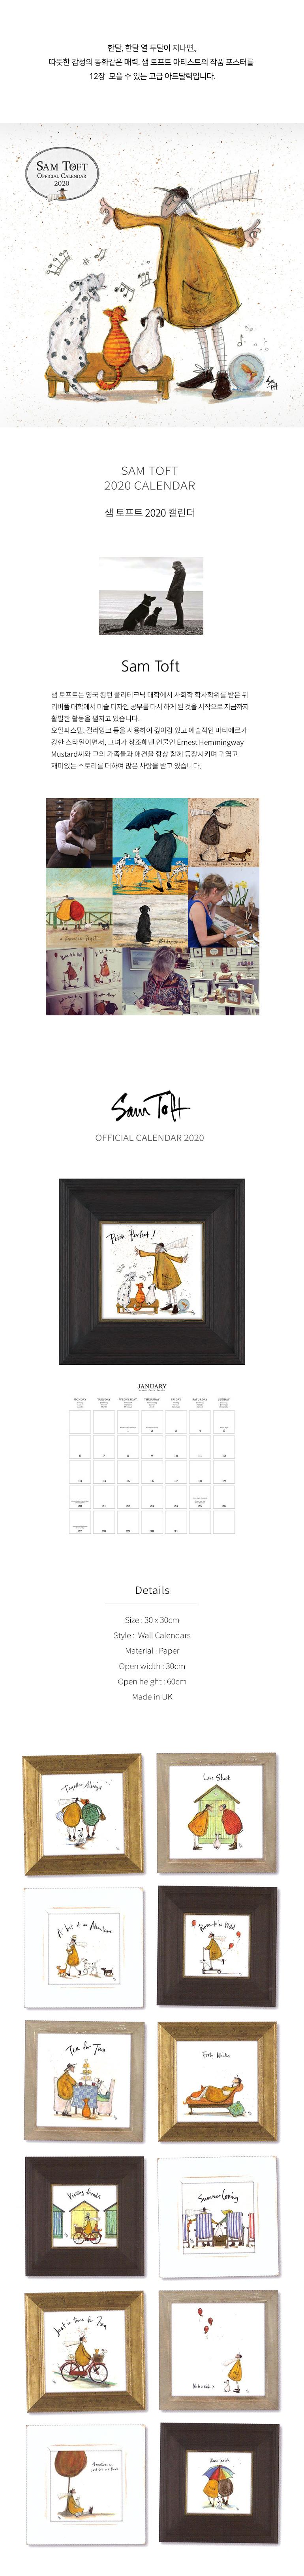 샘 토프트 Sam Toft 2020 벽걸이용 캘린더 (30x30) - 집잇, 25,000원, 캘린더, 벽걸이캘린더날짜형